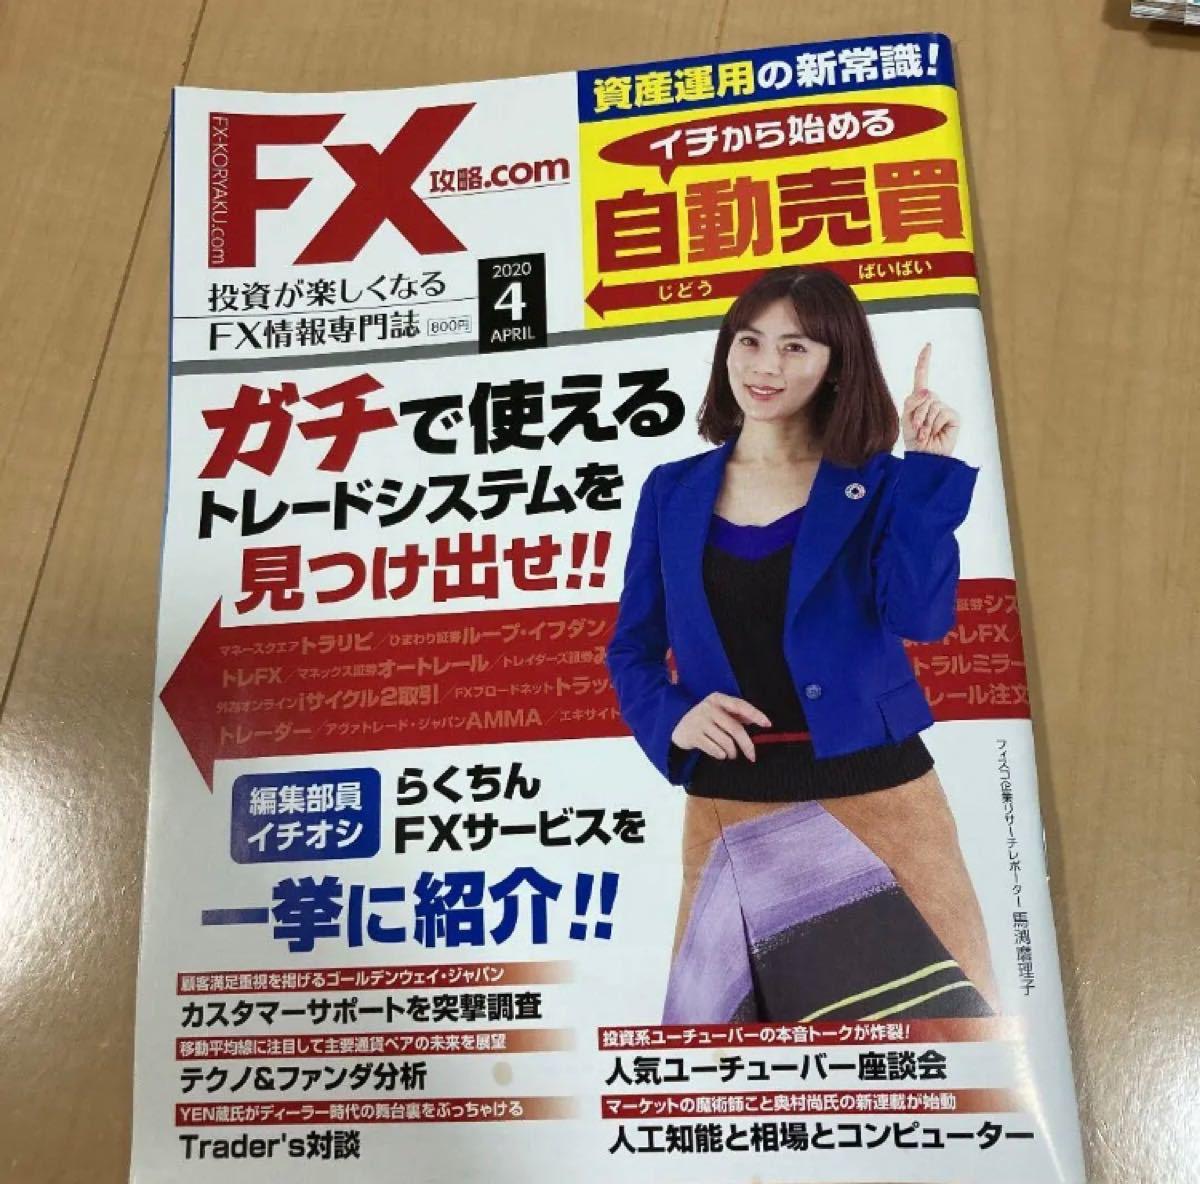 FX攻略.com 2020年4月号 投資が楽しくなるFX情報専門誌